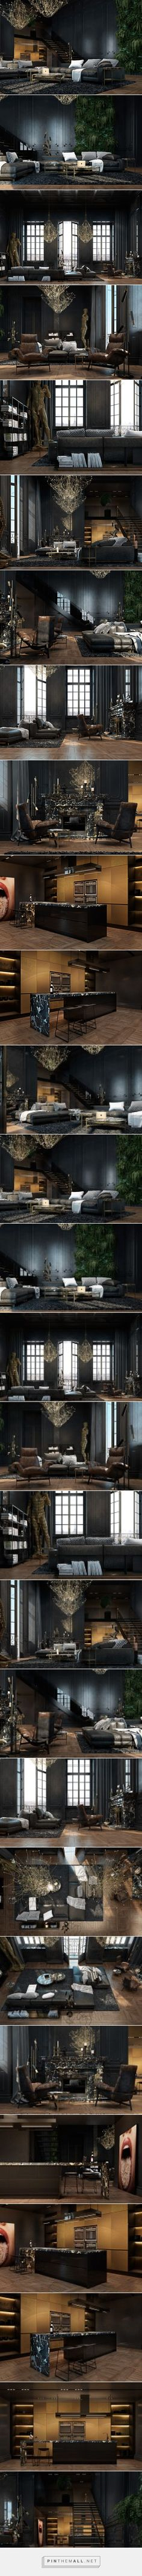 Zimmer im paris-stil rebecca fordsams rebaford on pinterest